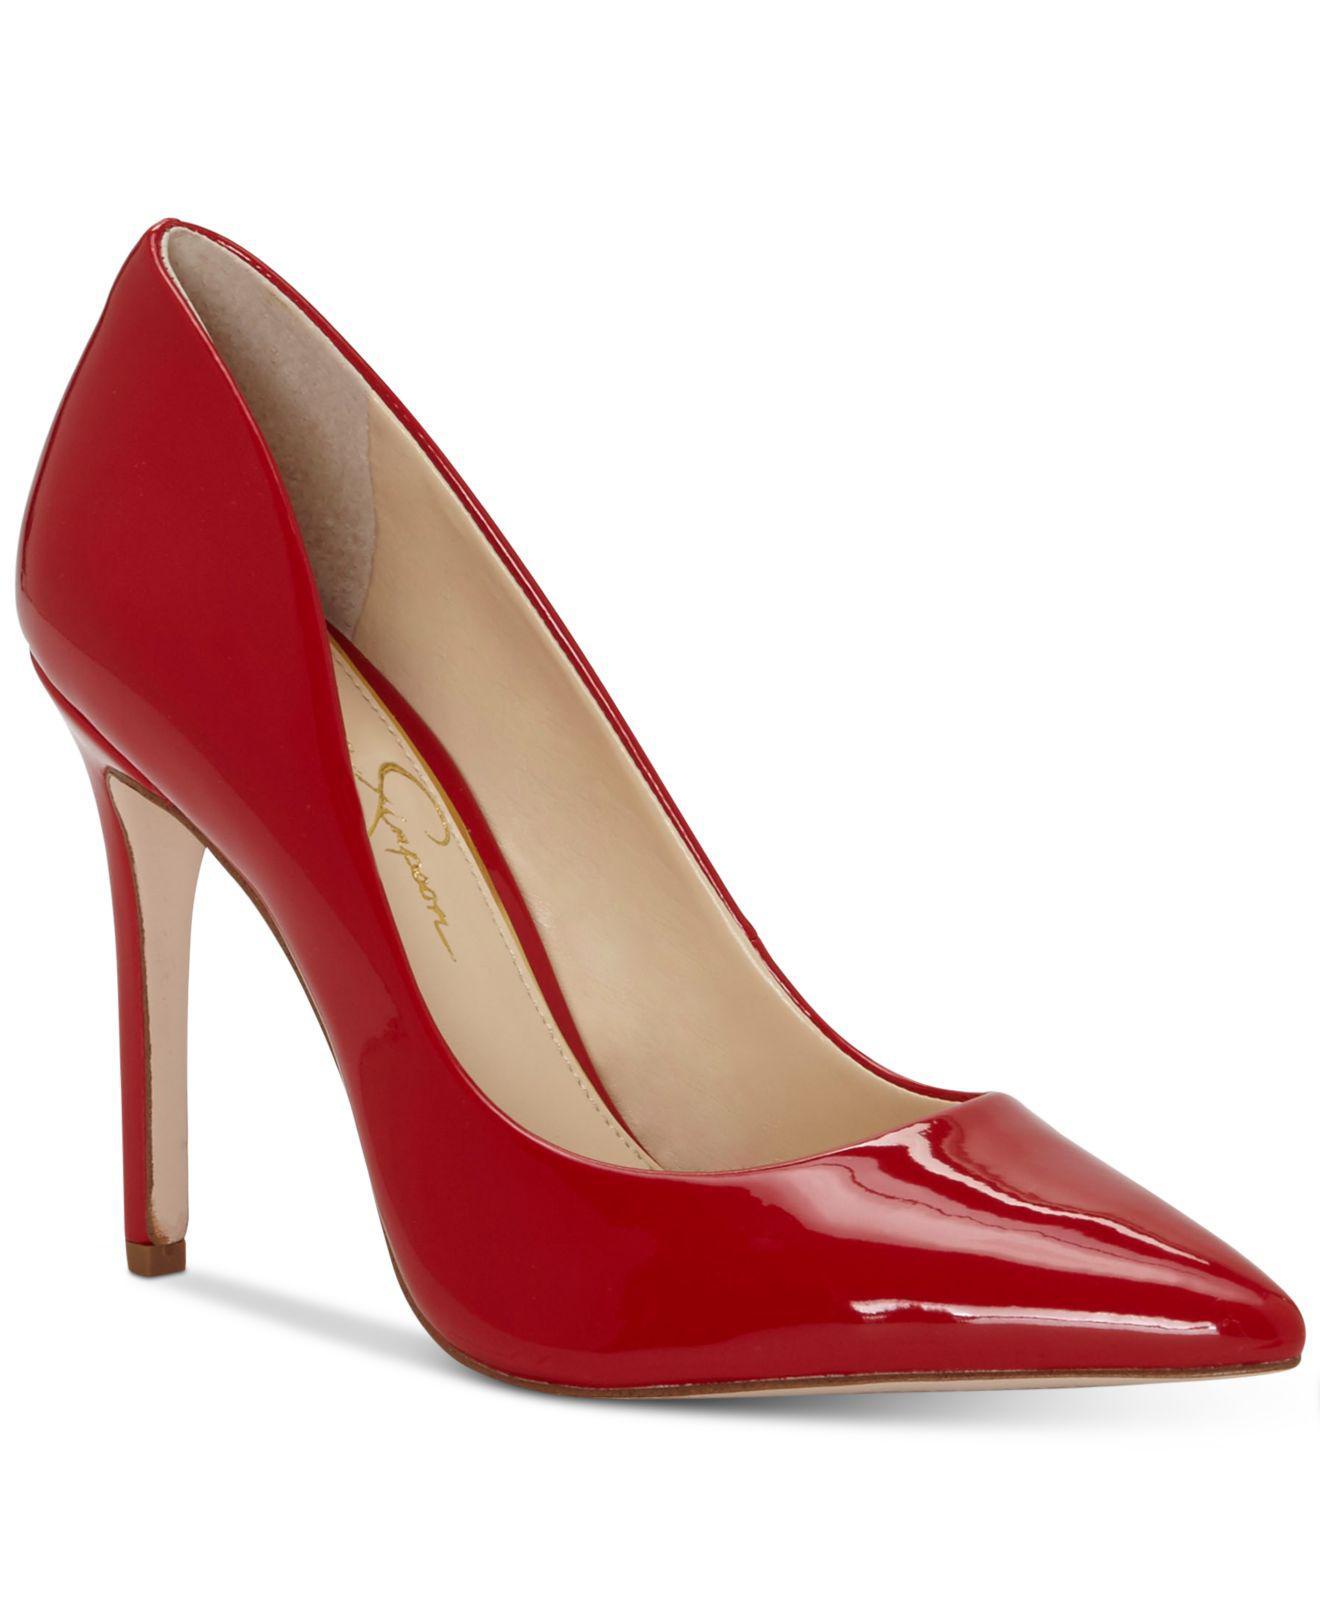 8f81d5de87e7 Jessica Simpson. Women s Red Cassani Pumps ...